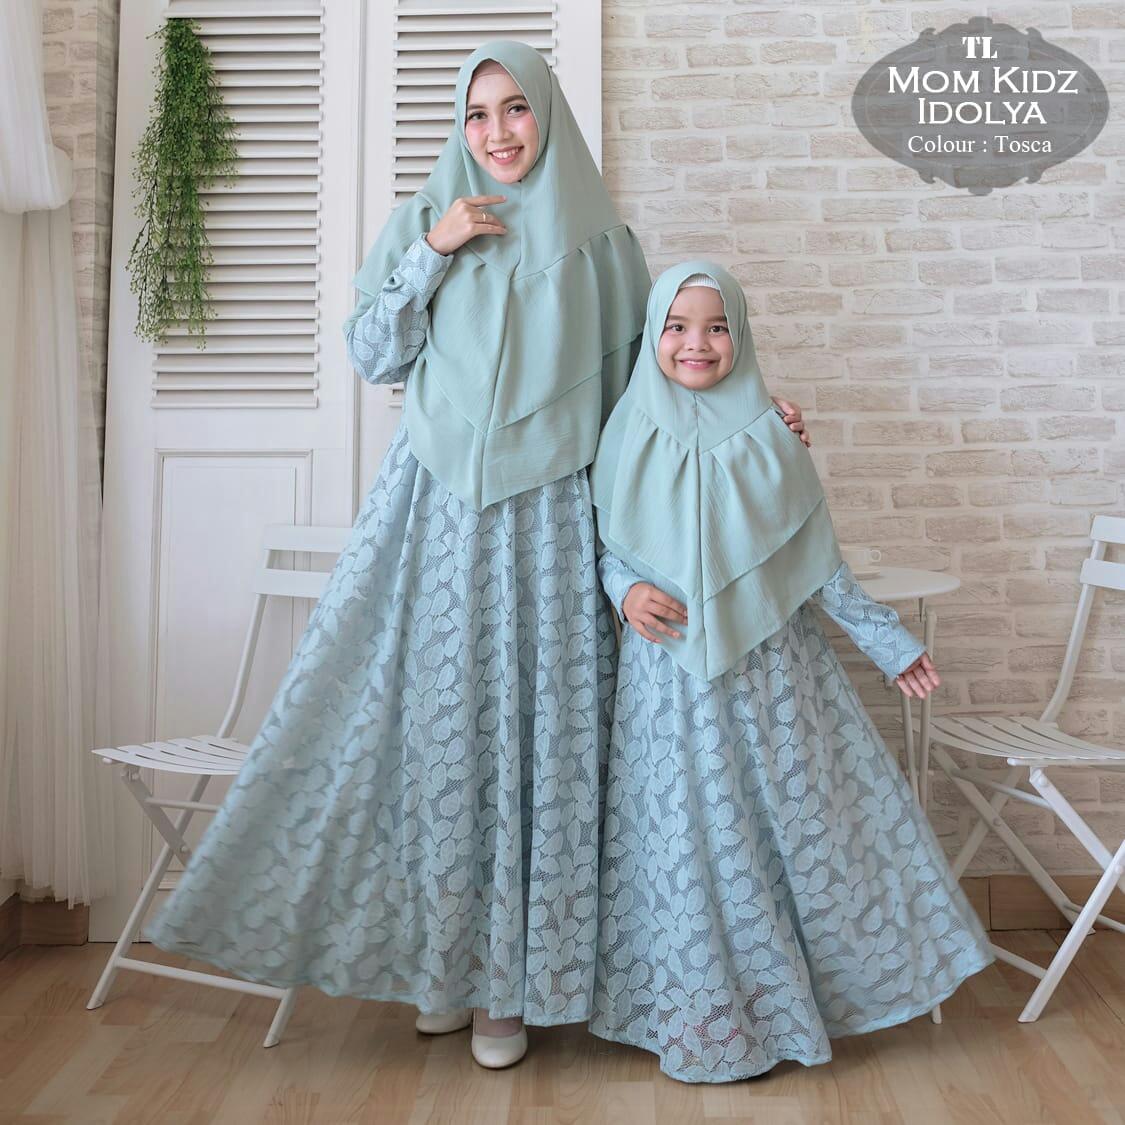 Gamis Couple Brokat Mom-Kid Idolya  Baju Muslim Pesta - Butik Jingga